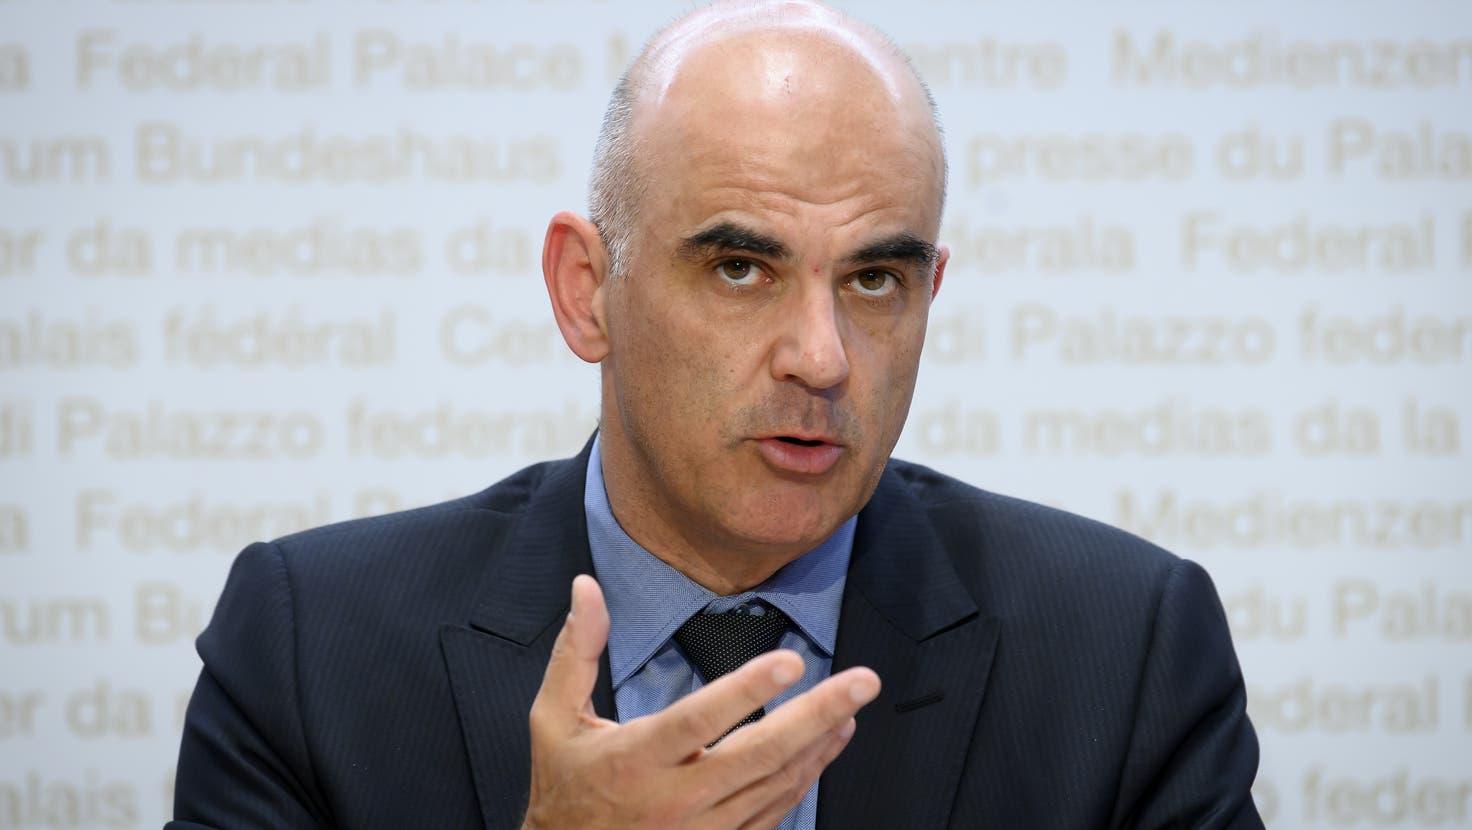 Alain Berset an der Pressekonferenz vom Freitag. Dass er ständig an seinem Handy herumdrückte, verriet eine gewisse Anspannung. (KEYSTONE)